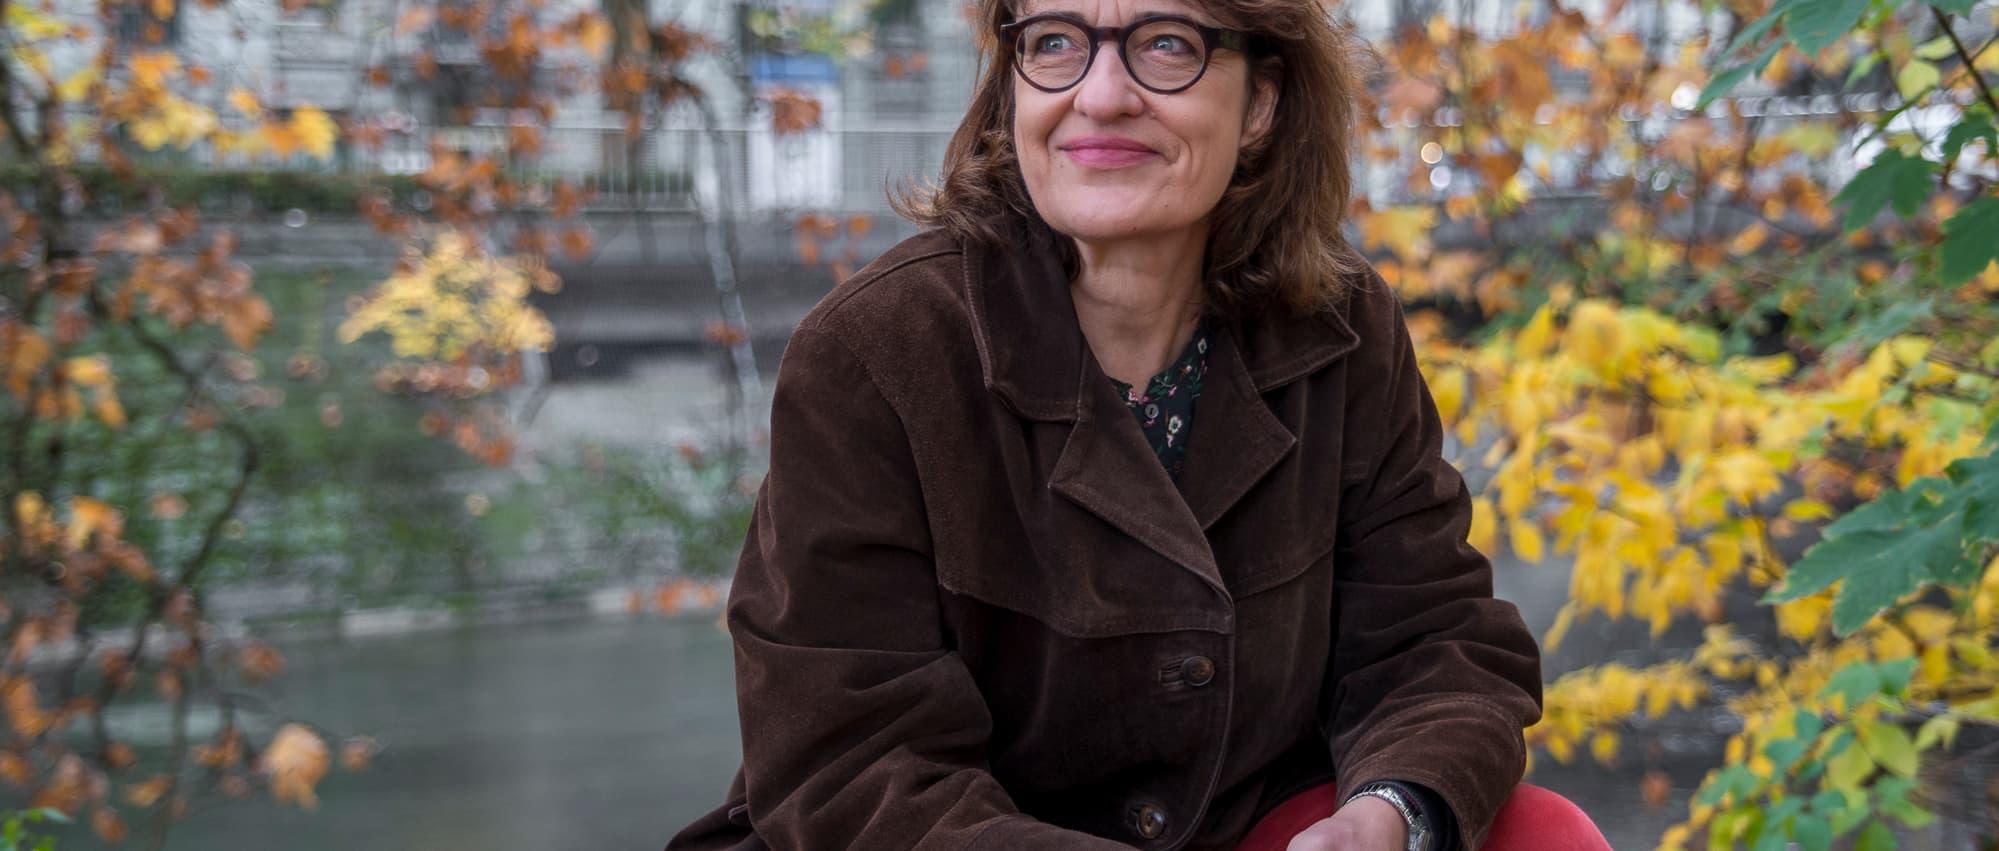 Dr. Christa Uehlinger. Fotografie: Natalie Fasnacht